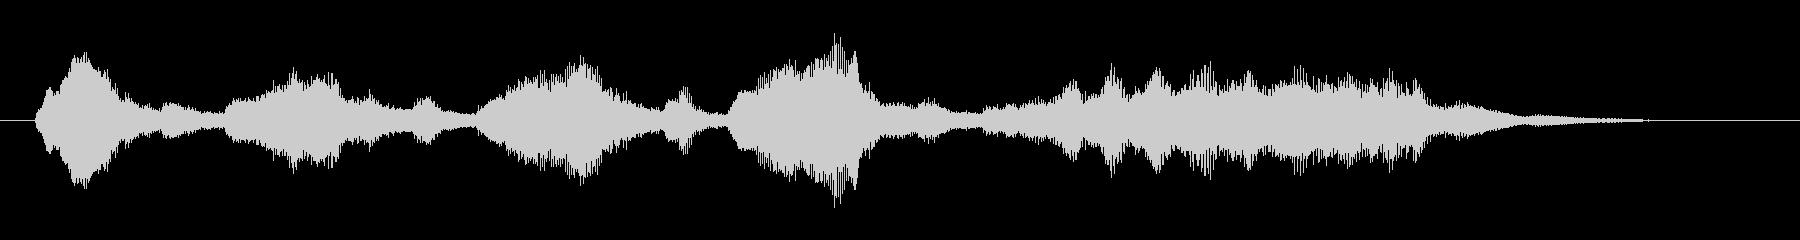 弦楽四重奏によるジングルの未再生の波形